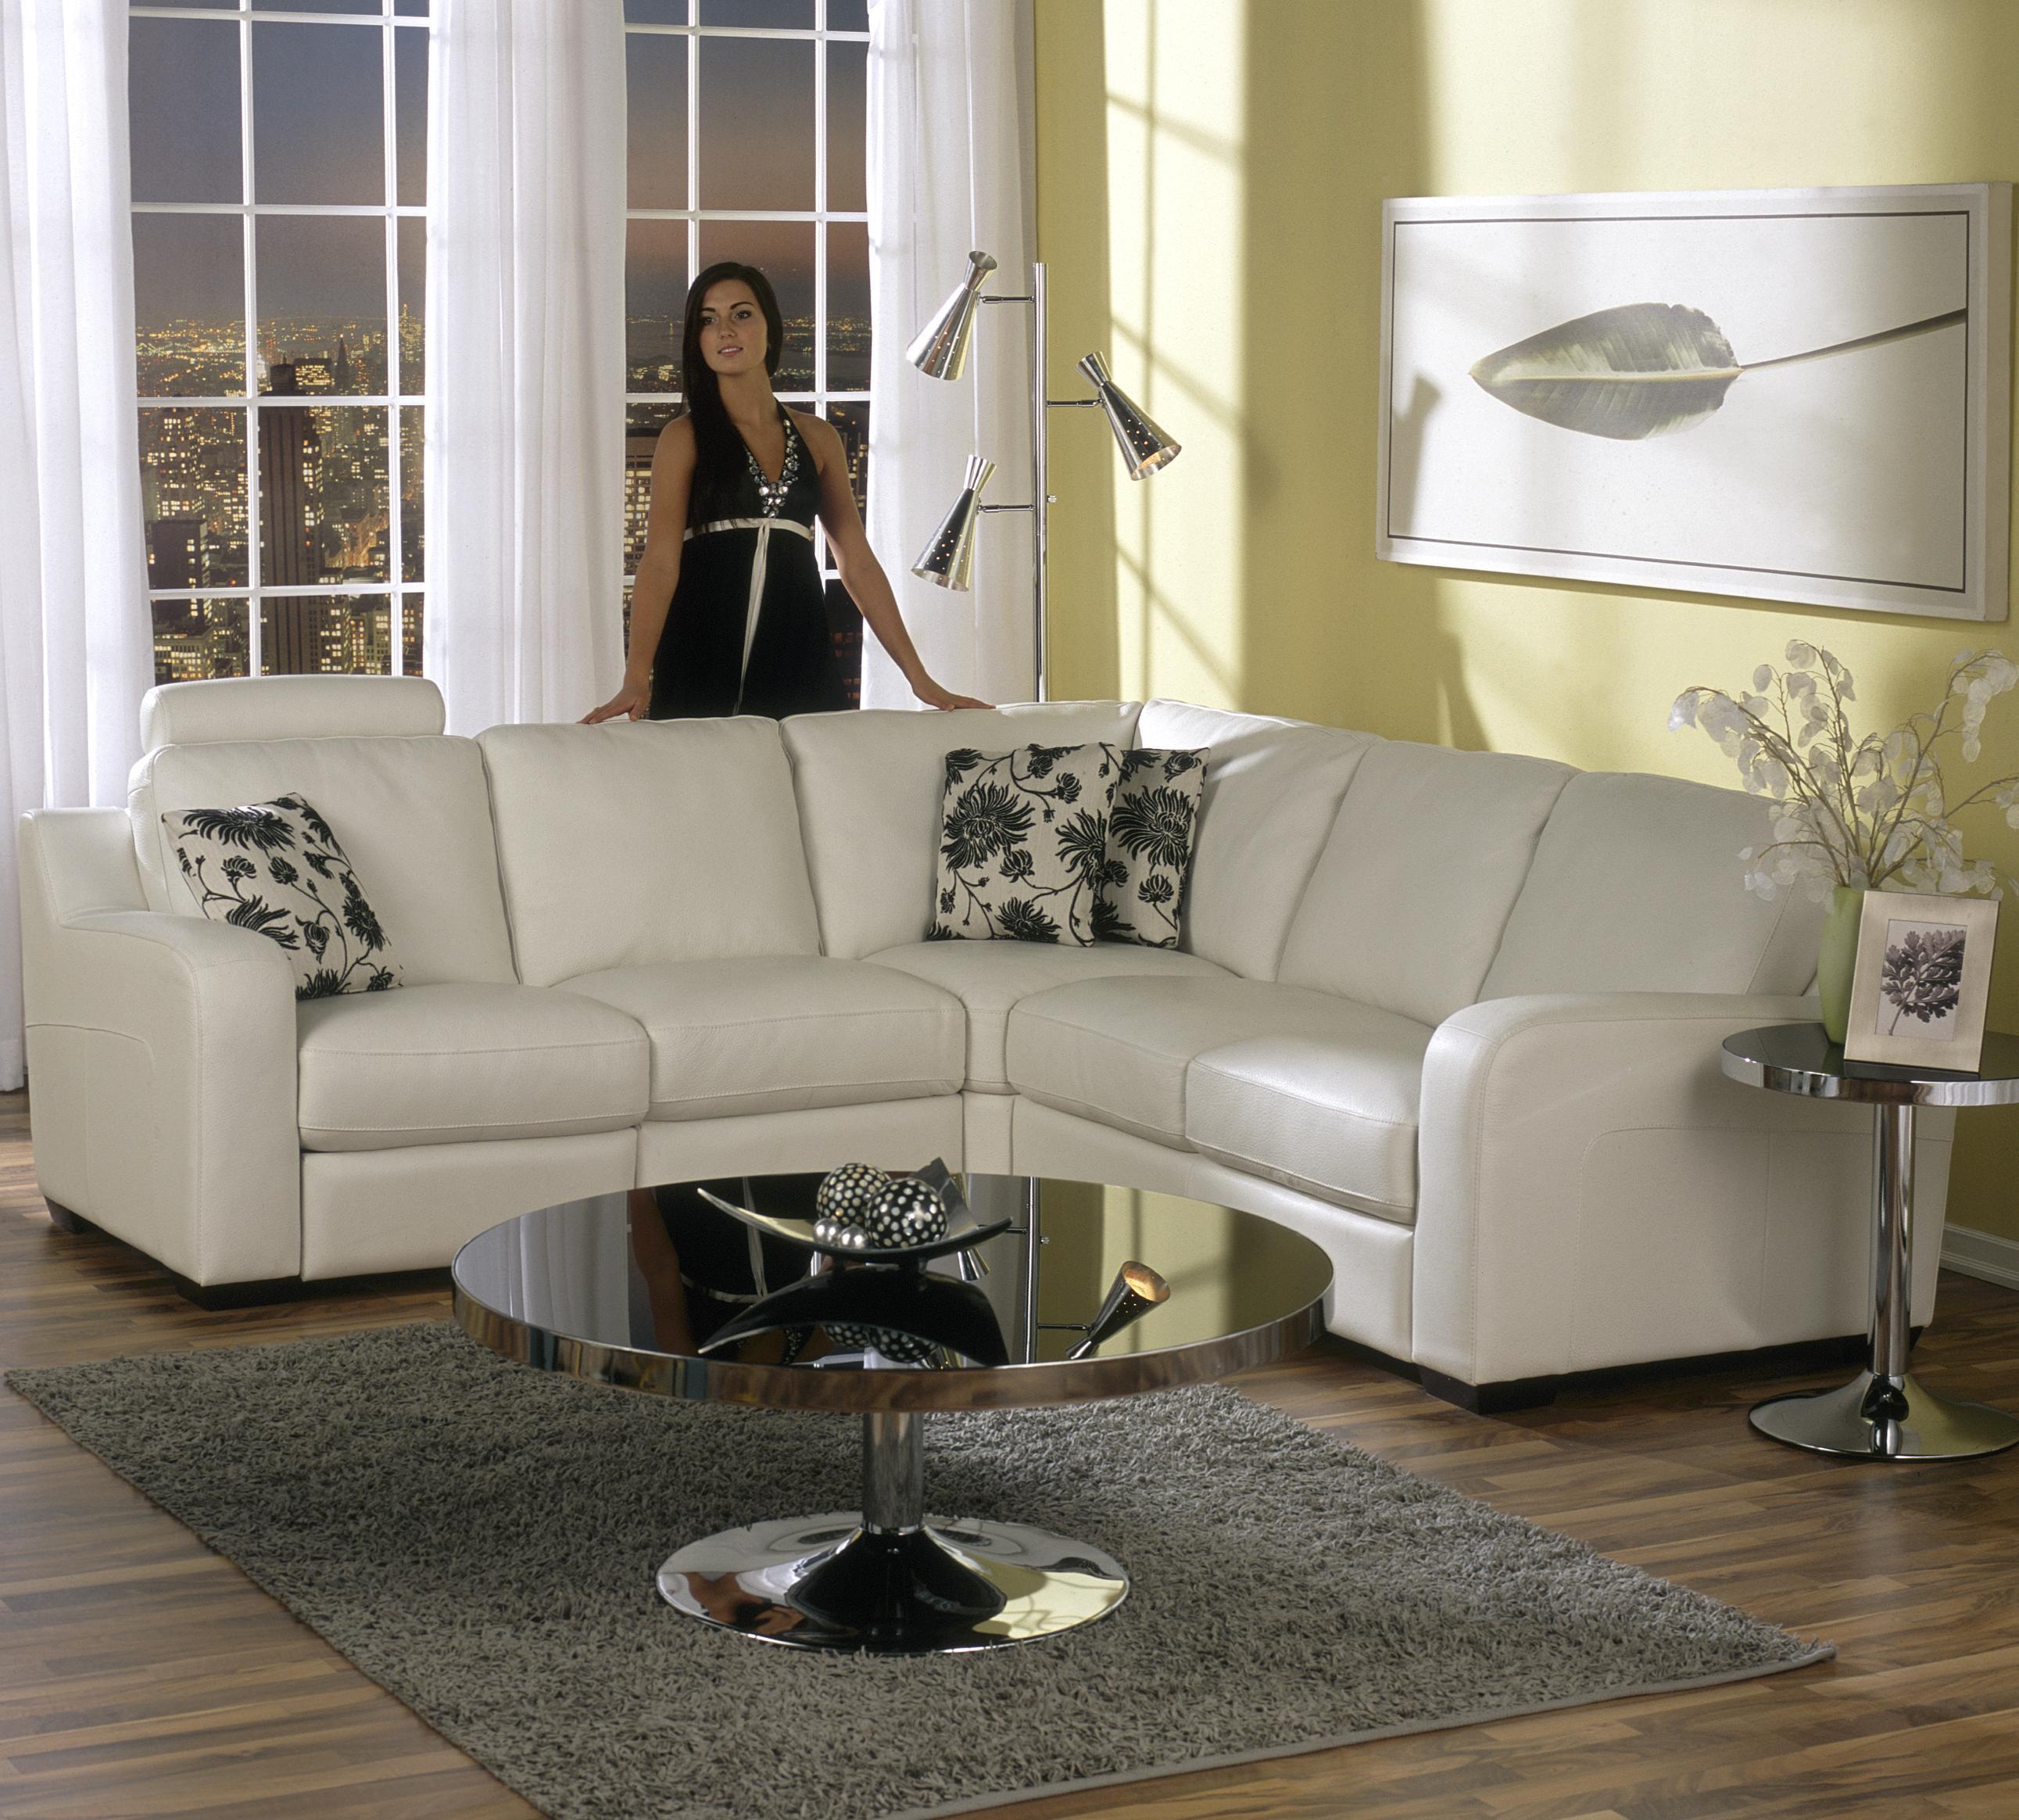 Palliser Leather Reclining Sofa Reviews: Palliser Flex Reclining Sectional Sofa